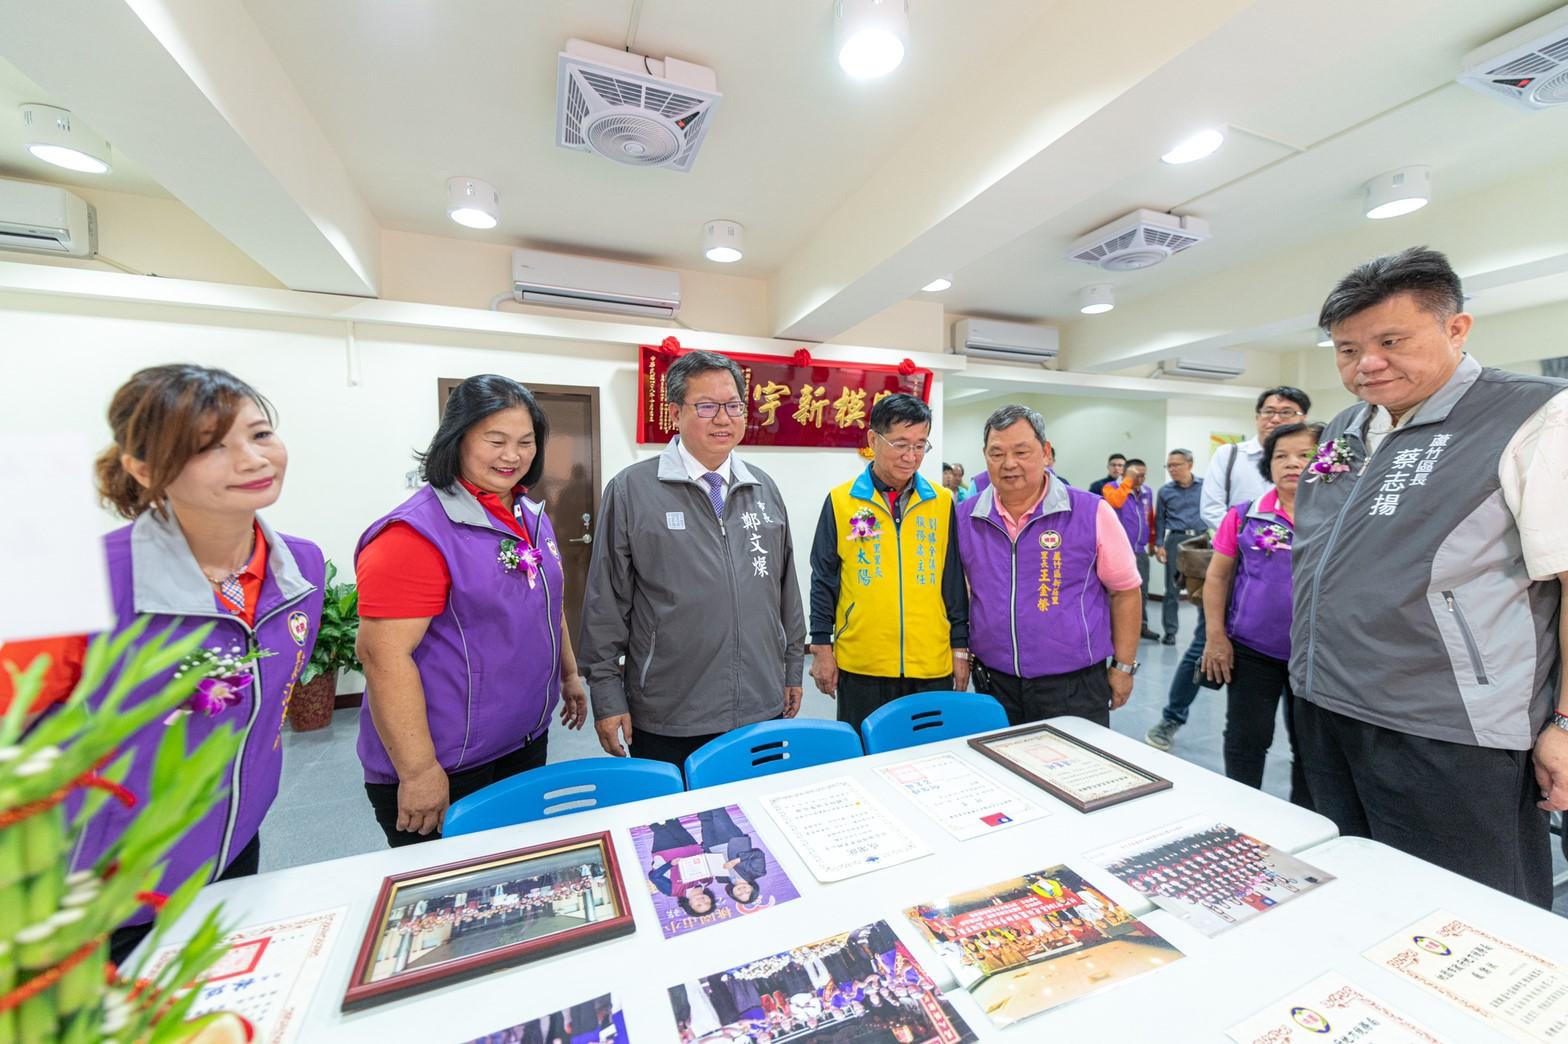 鄭市長瀏覽過去區里活動的照片